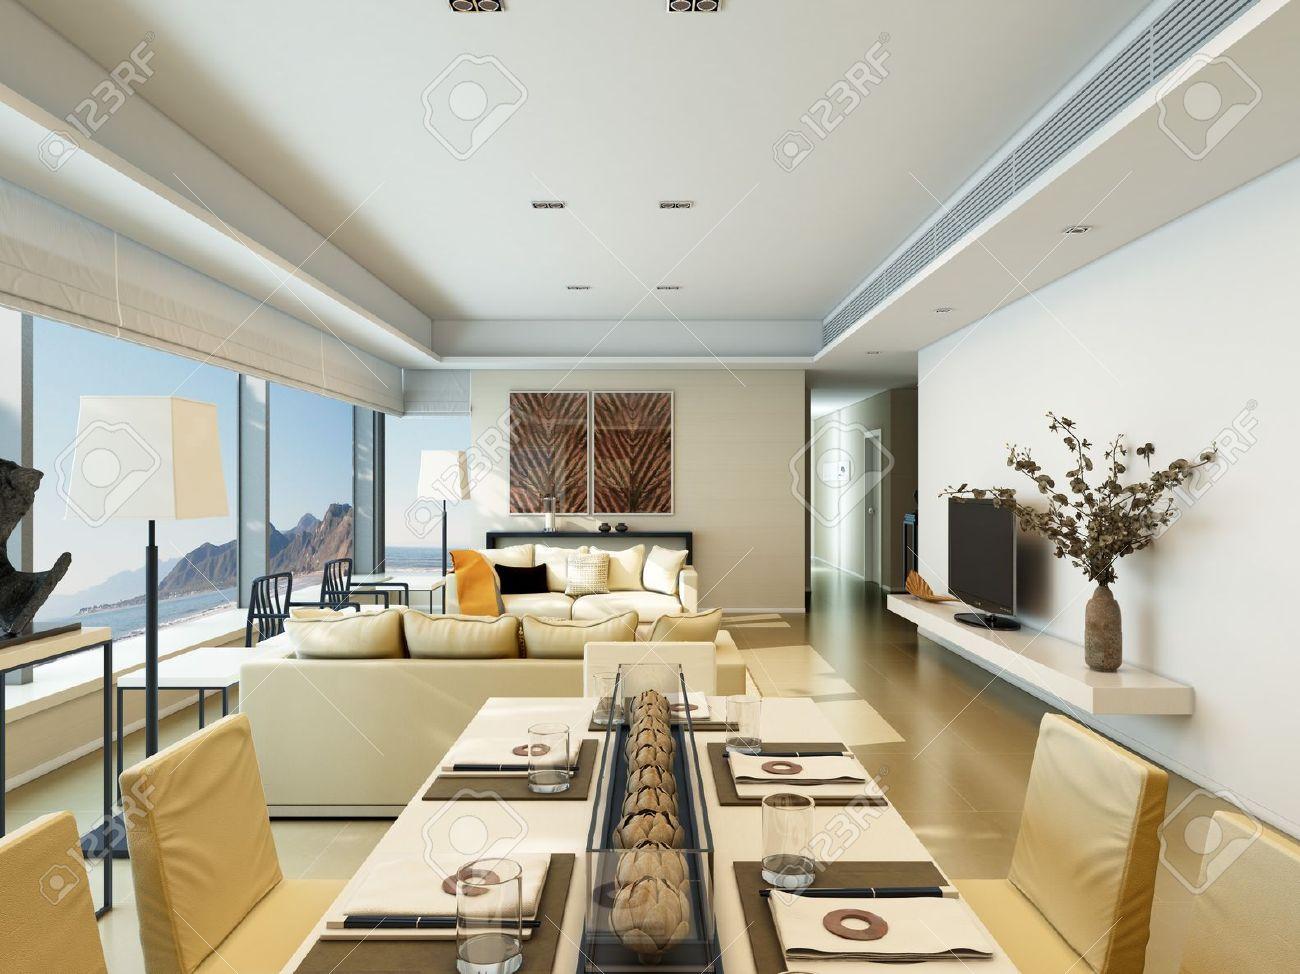 Intérieur D\'une Maison Moderne Avec Salon Et Salle à Manger, Sur Le ...